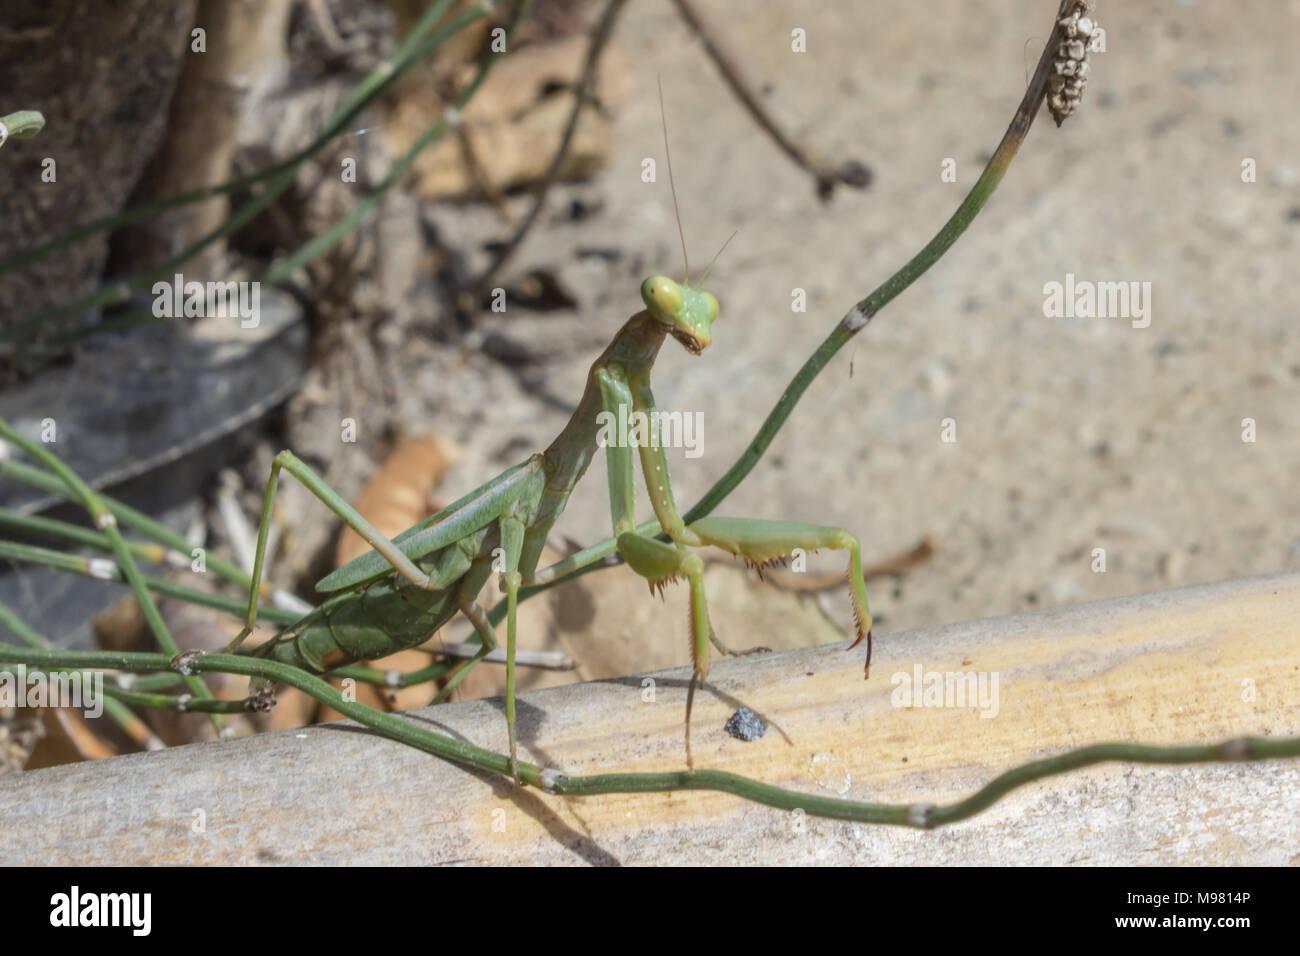 Praying Mantis, European Mantis, Mantis Religiosa,  Mantis, Preying Mantis, Photo taken September 2017 in Almeria  Andalucia Spain - Stock Image